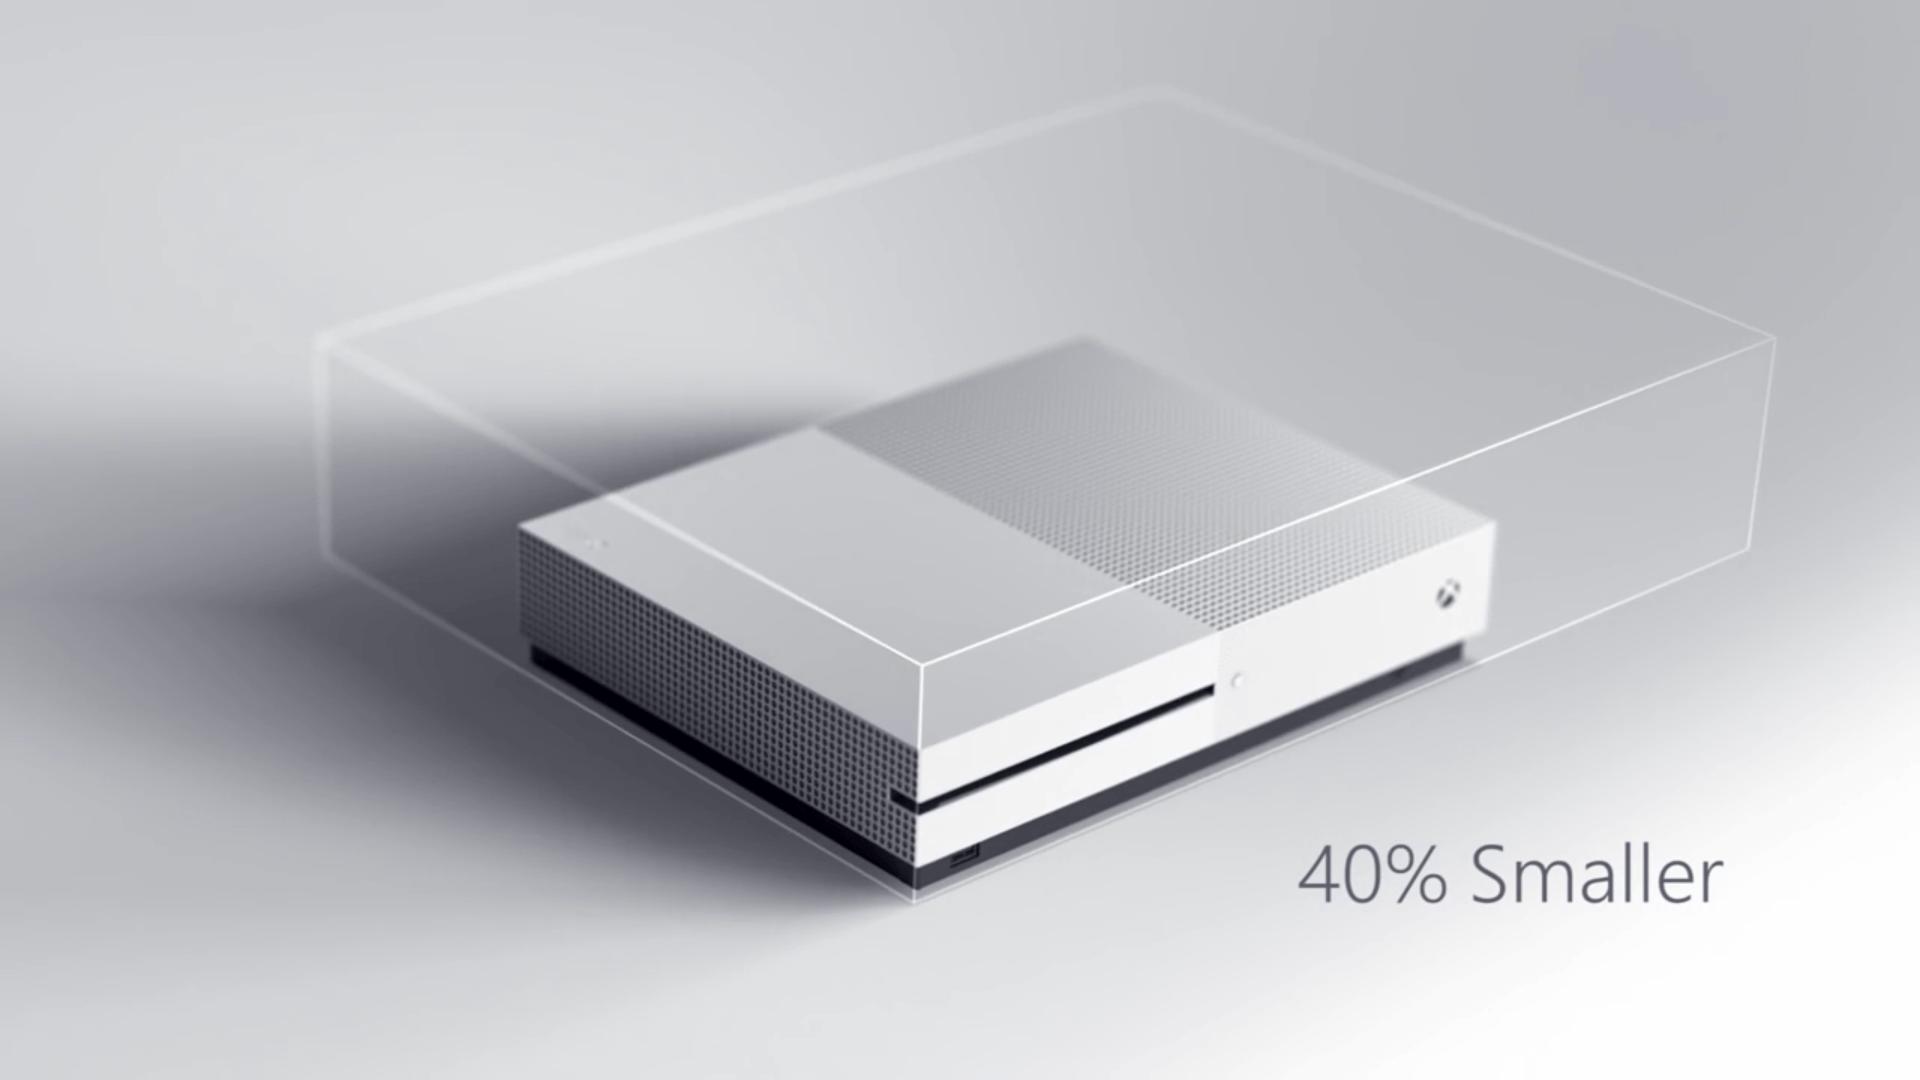 Xbox One S 40%